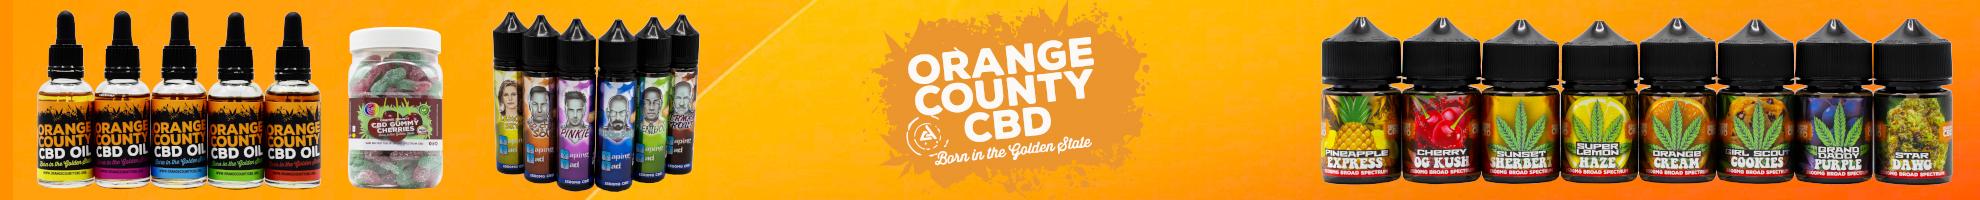 En Orange County CBD el principal objetivo es proporcionar al mundo productos de CBD naturales, asequibles y de calidad que, a su vez, conducirán a una vida sana y feliz.